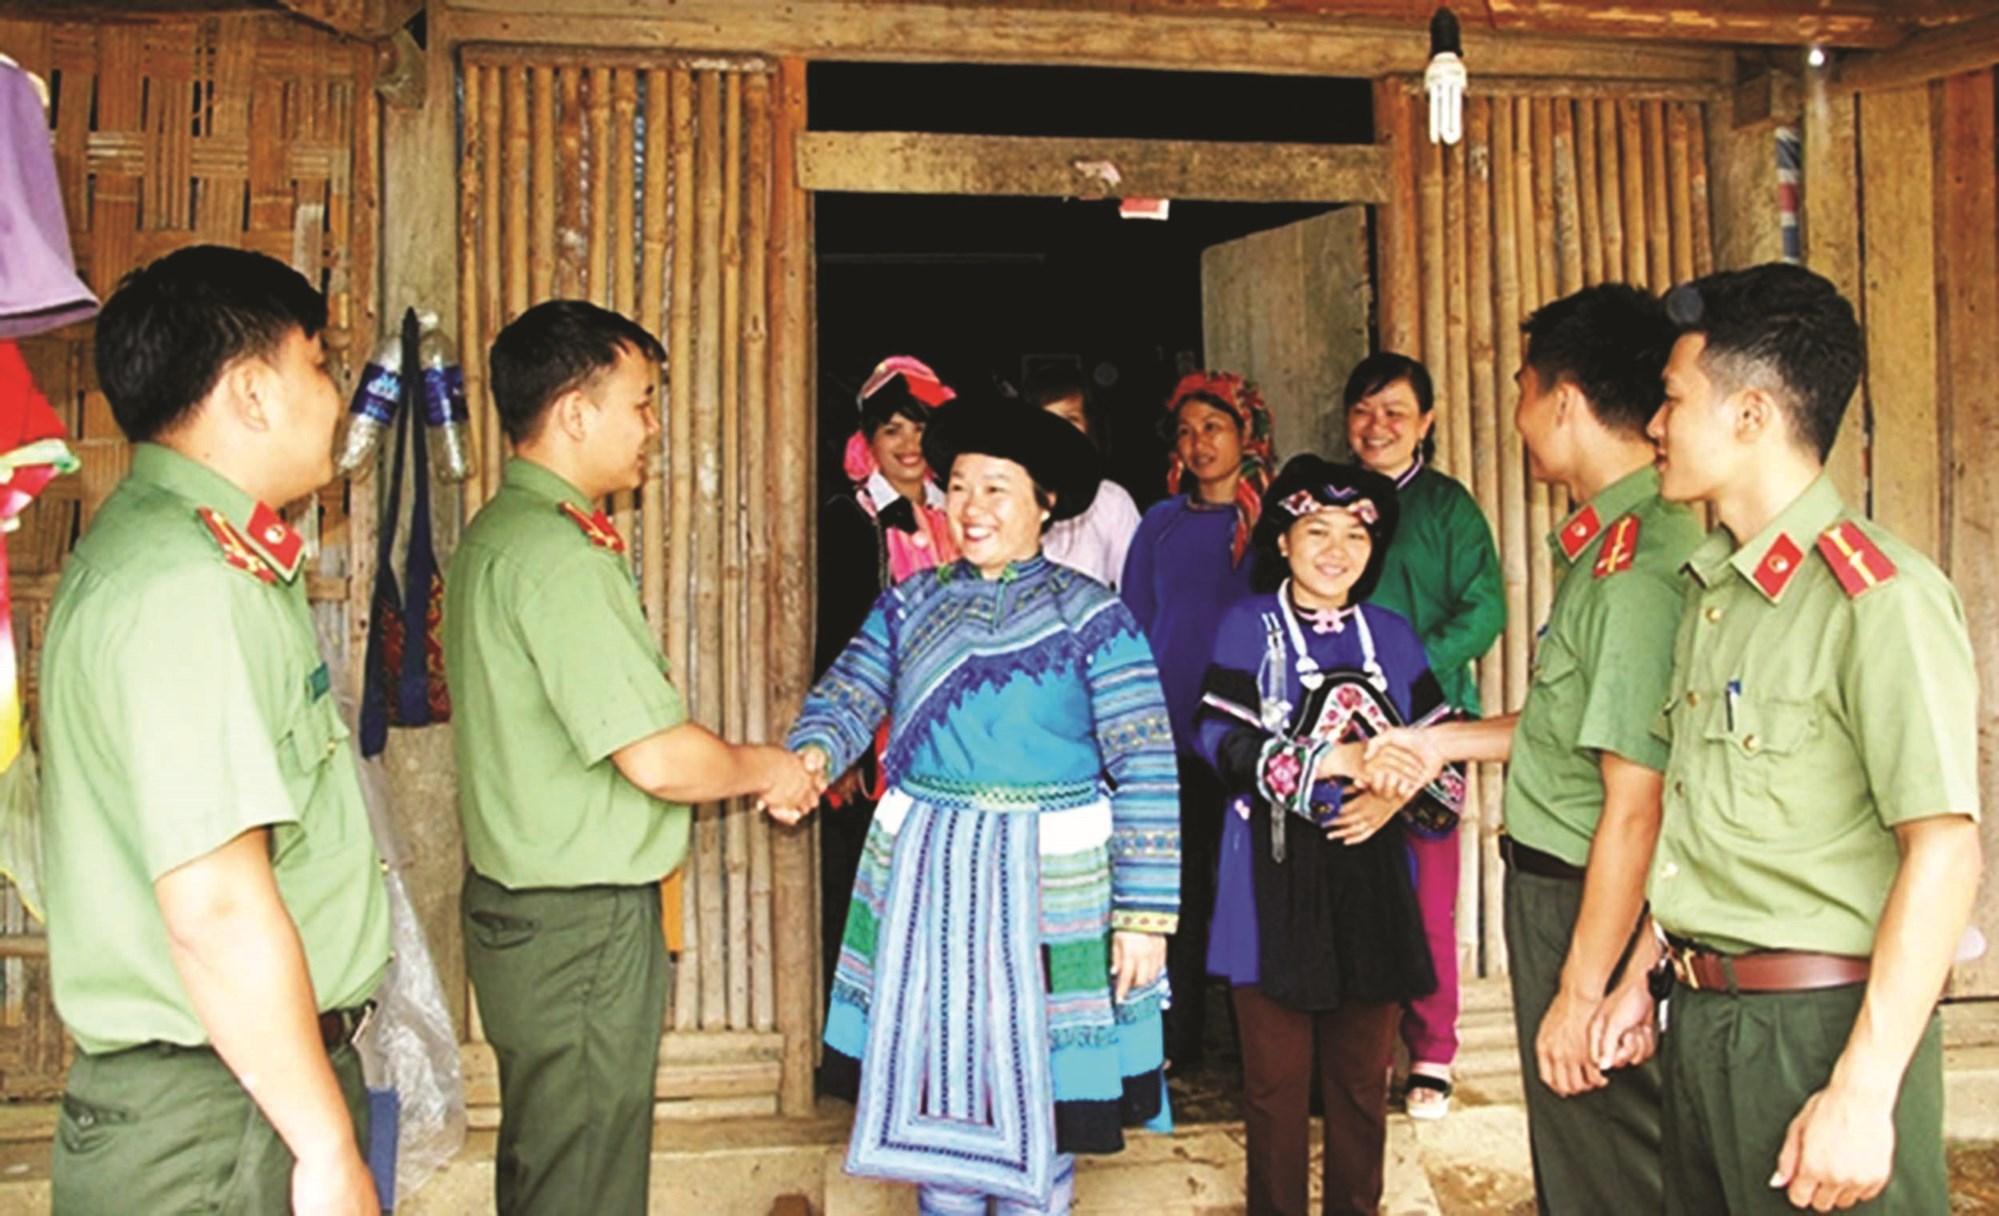 Công an huyện Mường Khương chủ động đến từng thôn bản, hộ gia đình để tuyên truyền vận động đồng bào tuân thủ pháp luật.